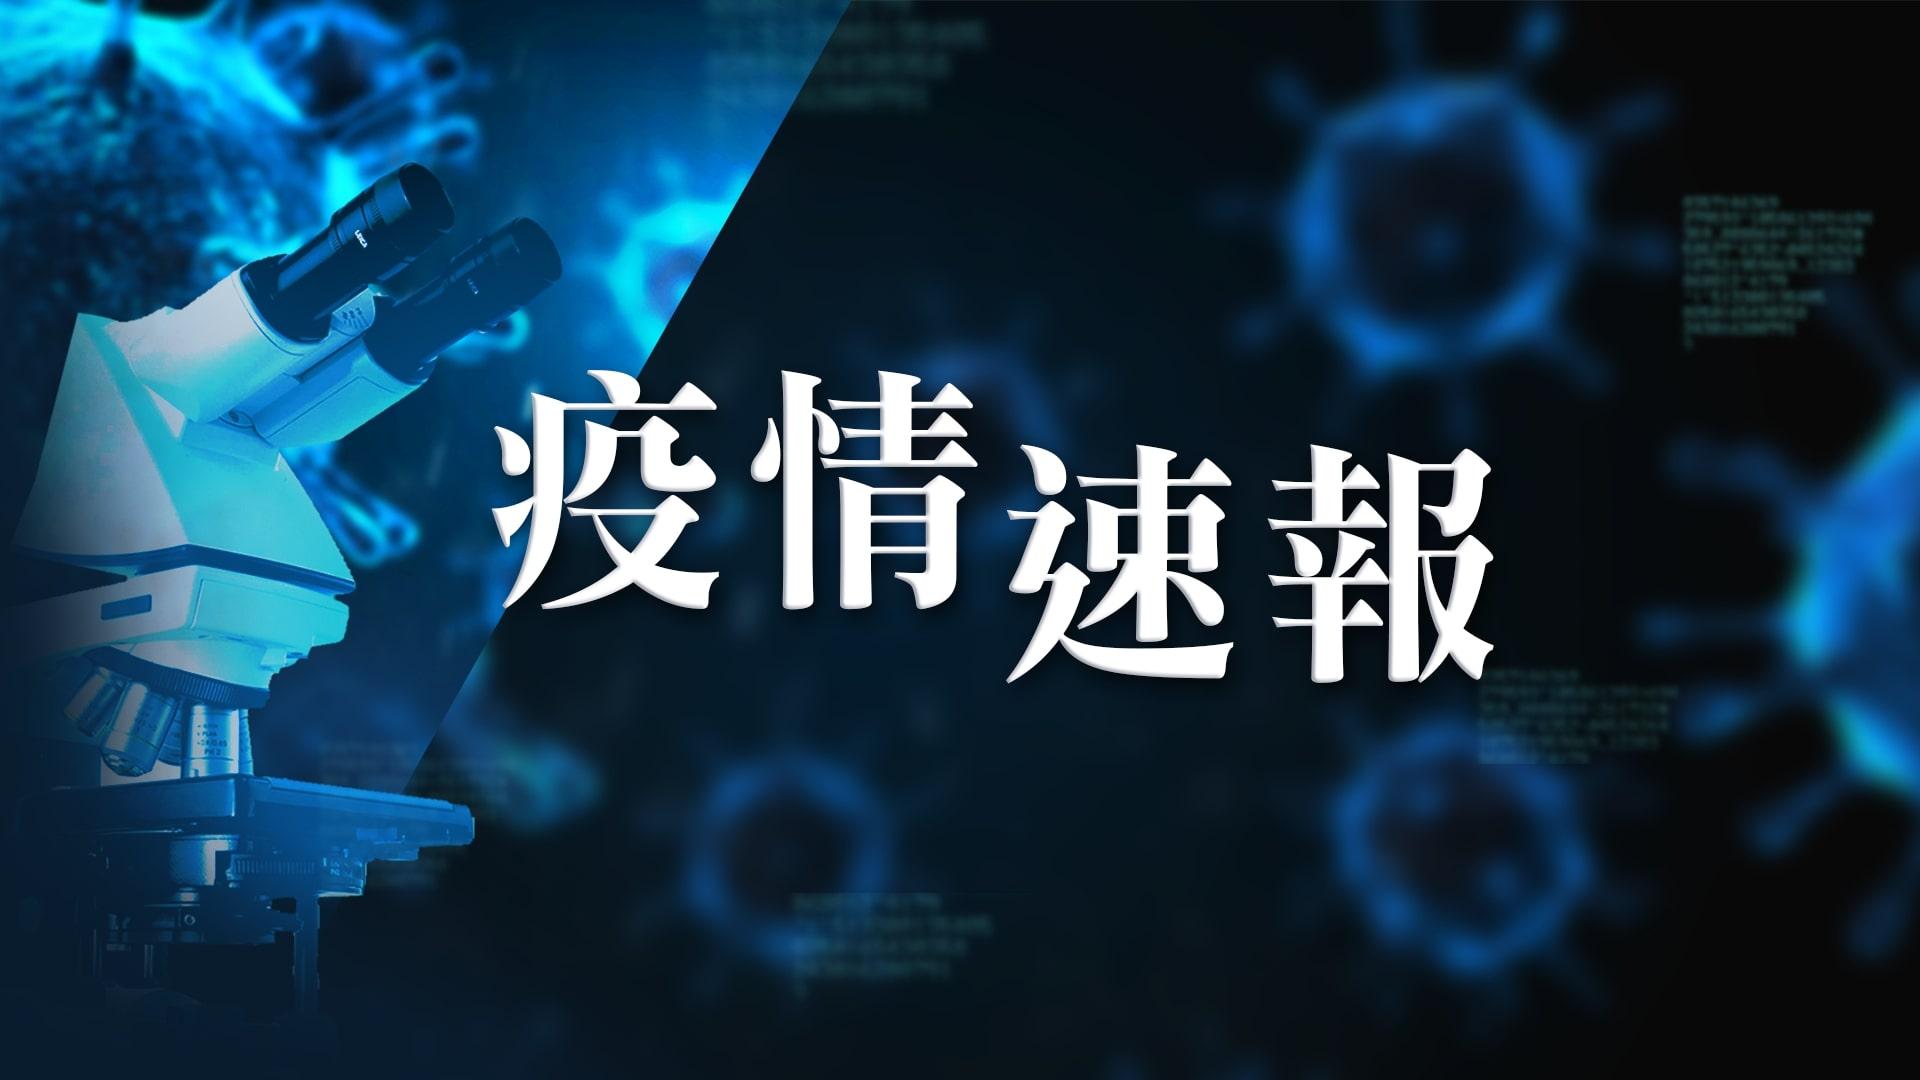 【11月25日疫情速報】(23:55)